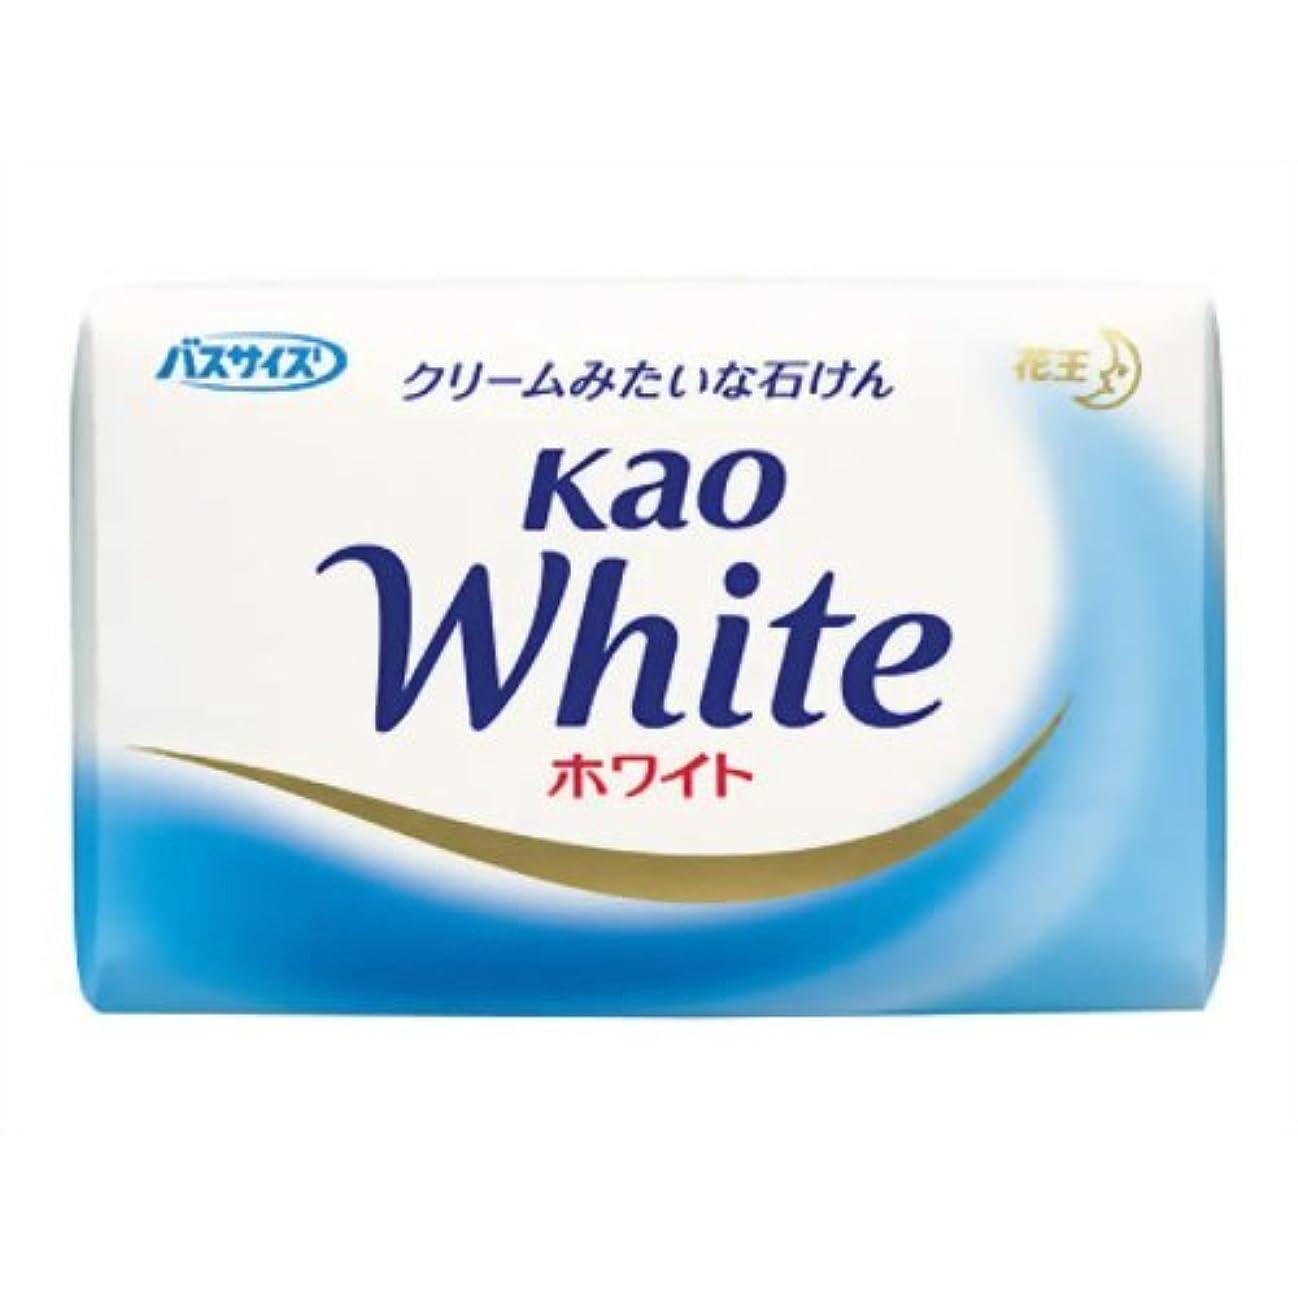 ひまわりパリティ組花王ホワイト バスサイズ